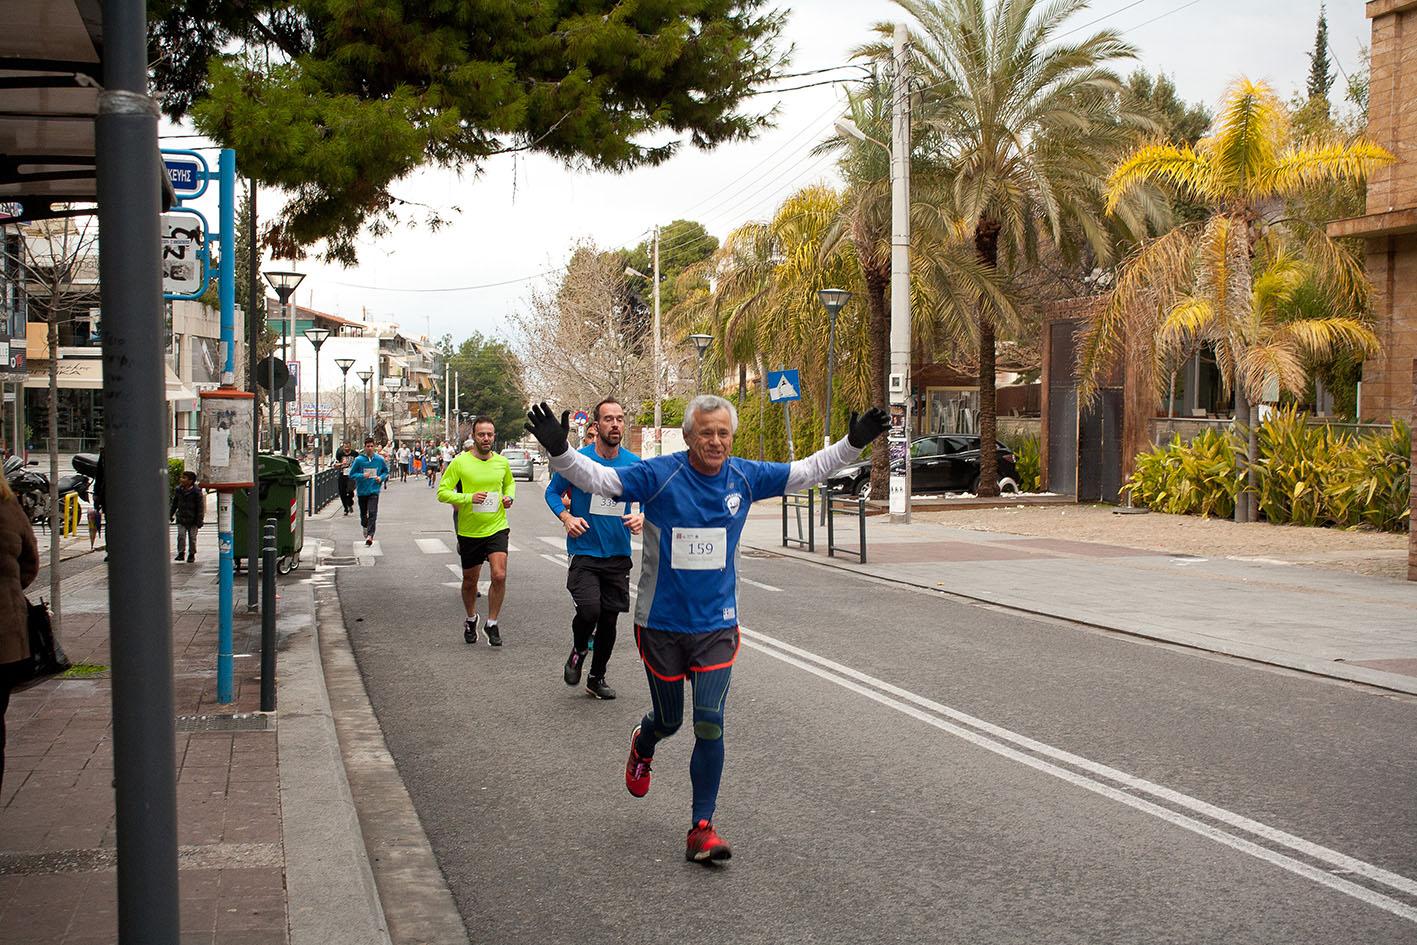 Beau succès pour la grande course du lycée franco-hellénique qui s'est déroulée le 12 mars-22